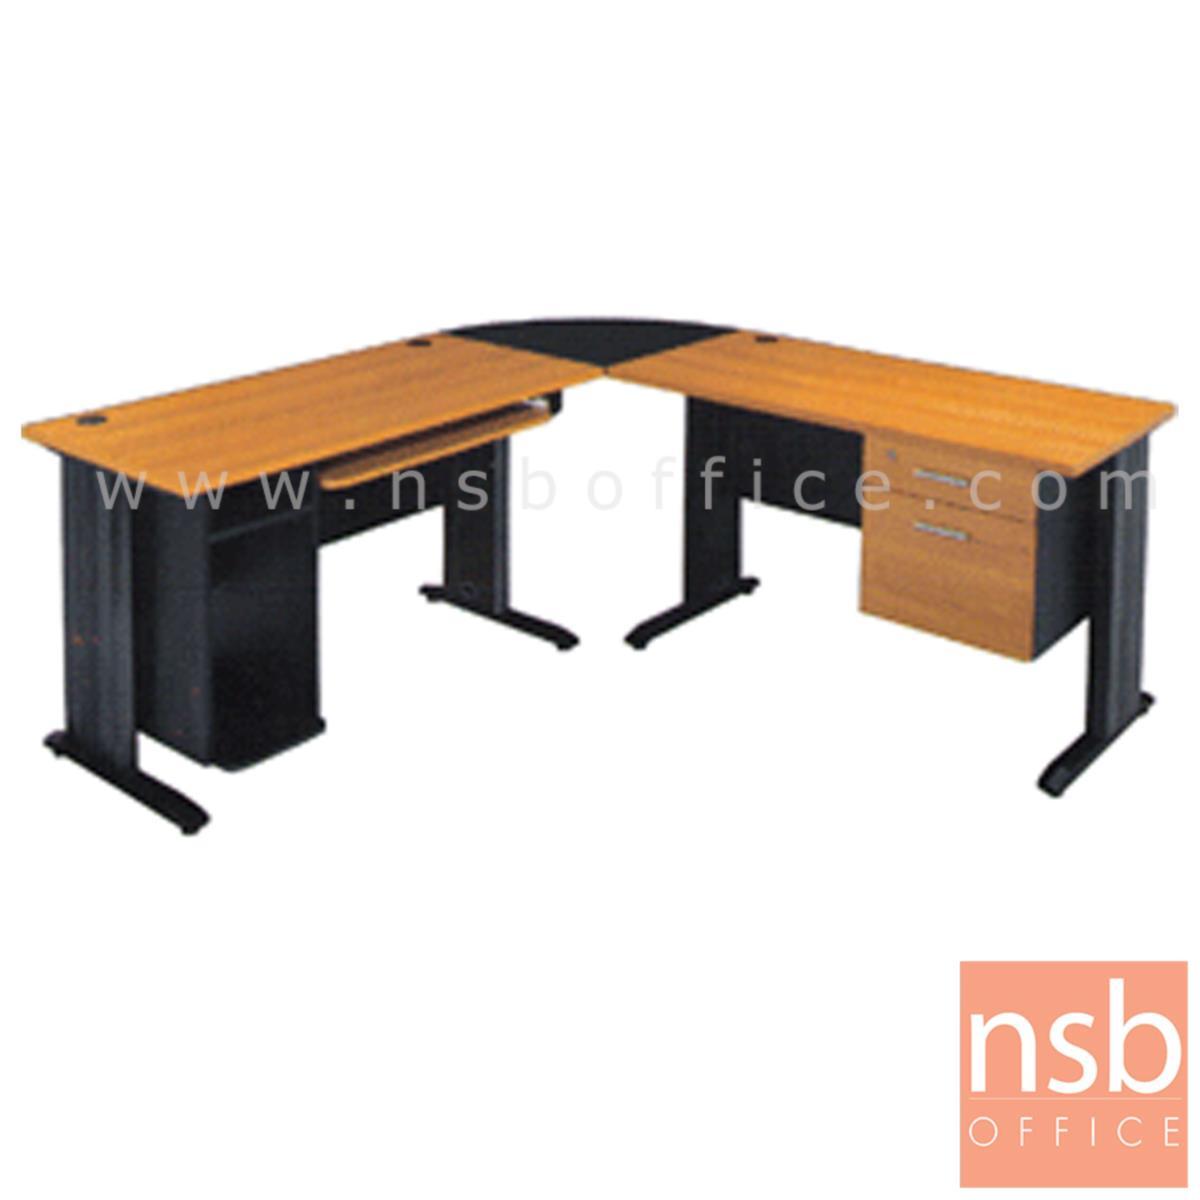 A10A004:โต๊ะผู้บริหารตัวแอลหัวโค้ง 2 ลิ้นชัก  รุ่น Lucky Wish (ลัคกี้ วิช) ขนาด 180W1*180W2 cm.  ขาเหล็ก สีเชอร์รี่-ดำ